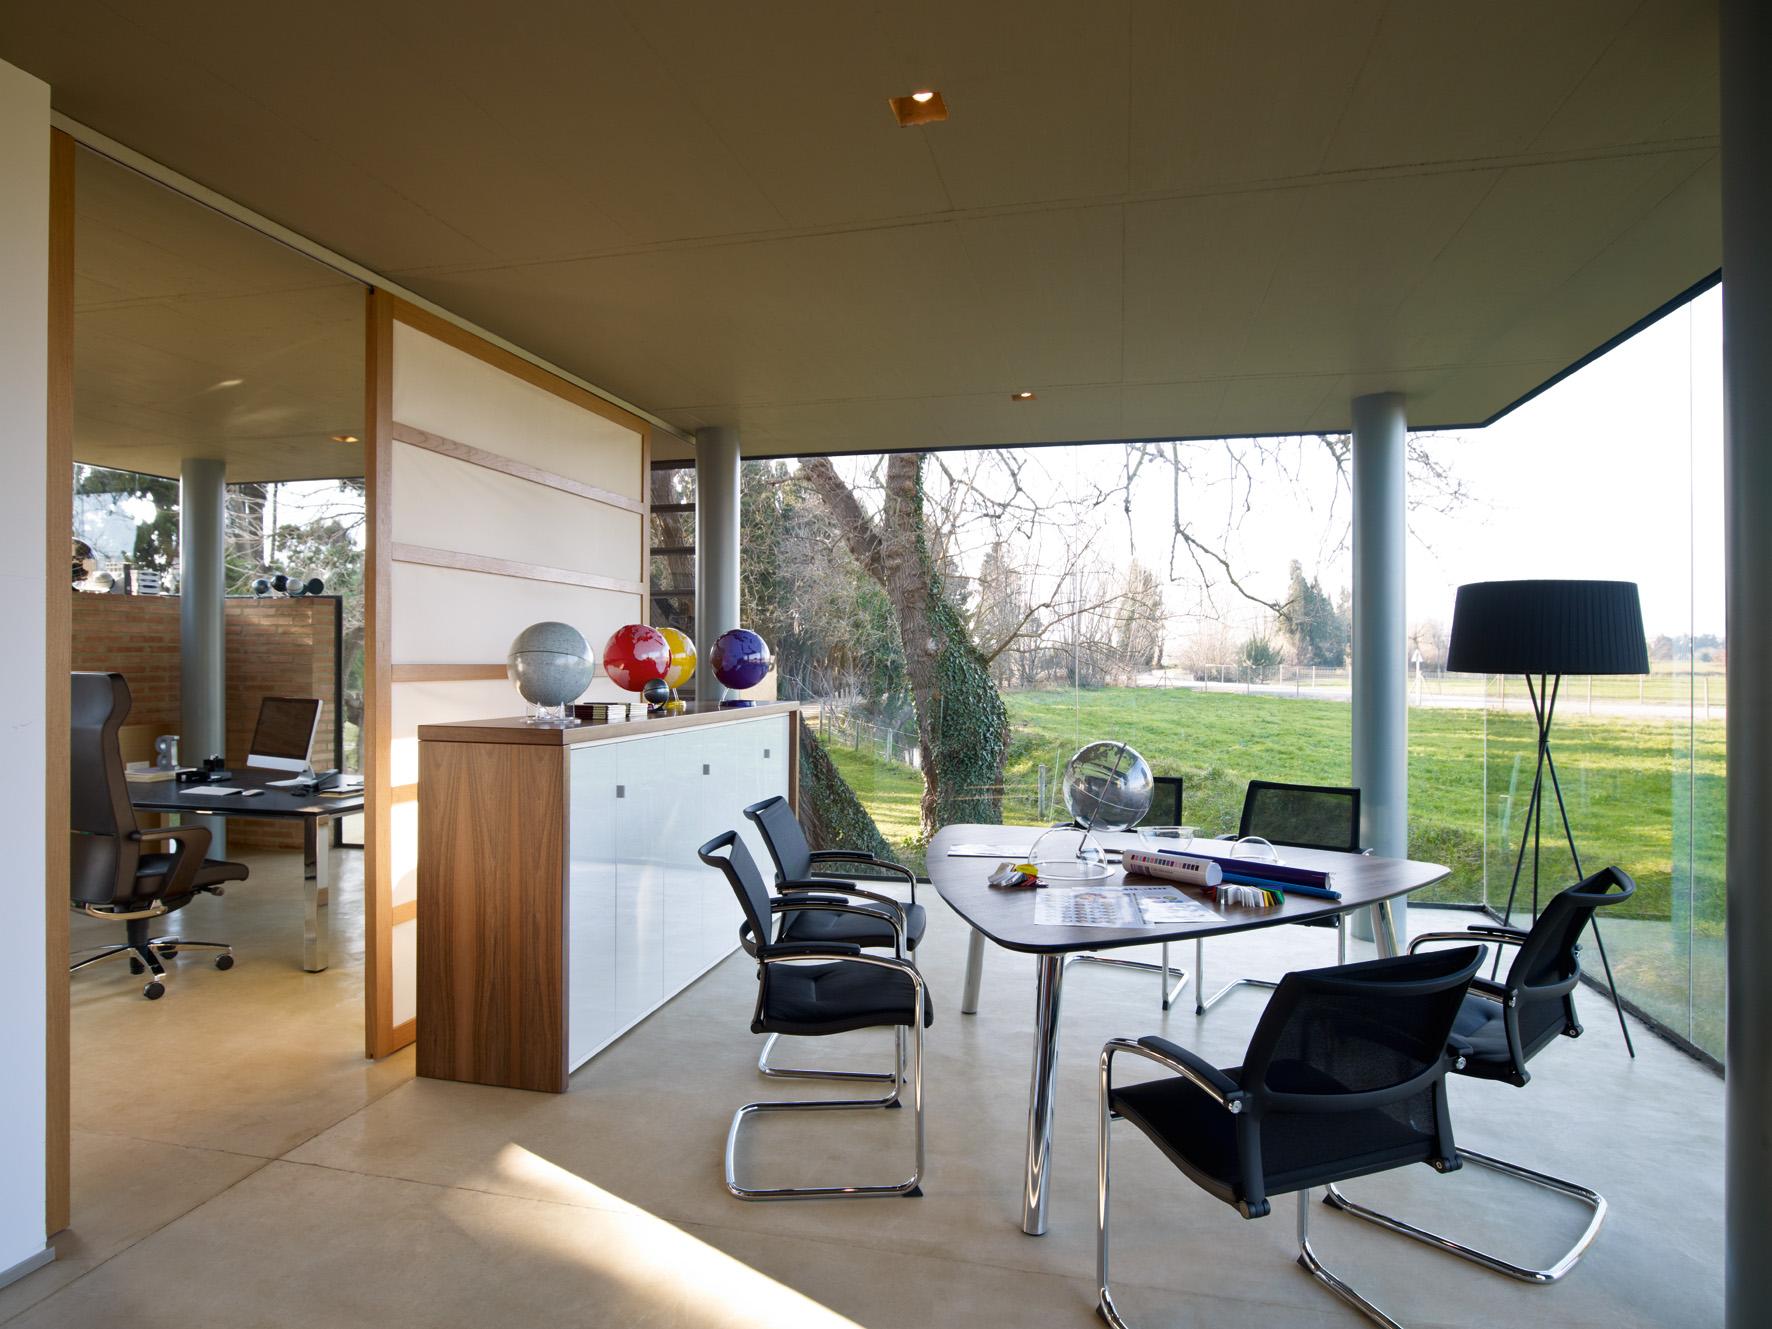 konferenzstuhl open up freischwinger mit netzr cken. Black Bedroom Furniture Sets. Home Design Ideas